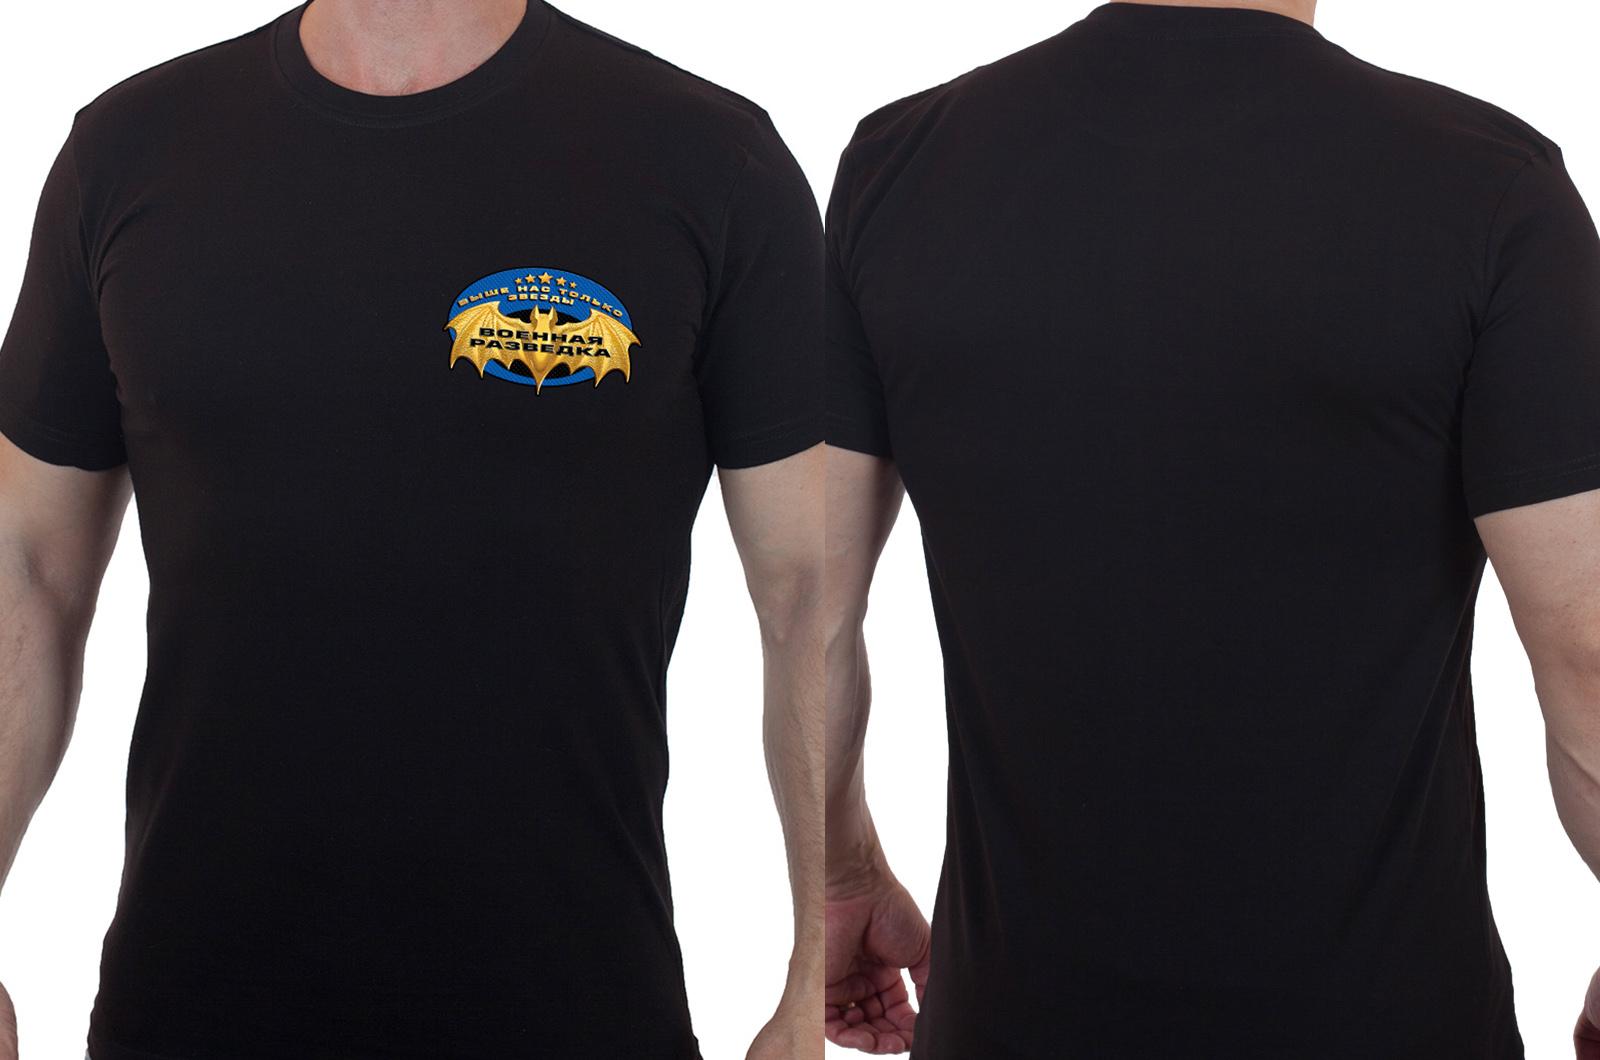 Функциональная футболка Военного разведчика